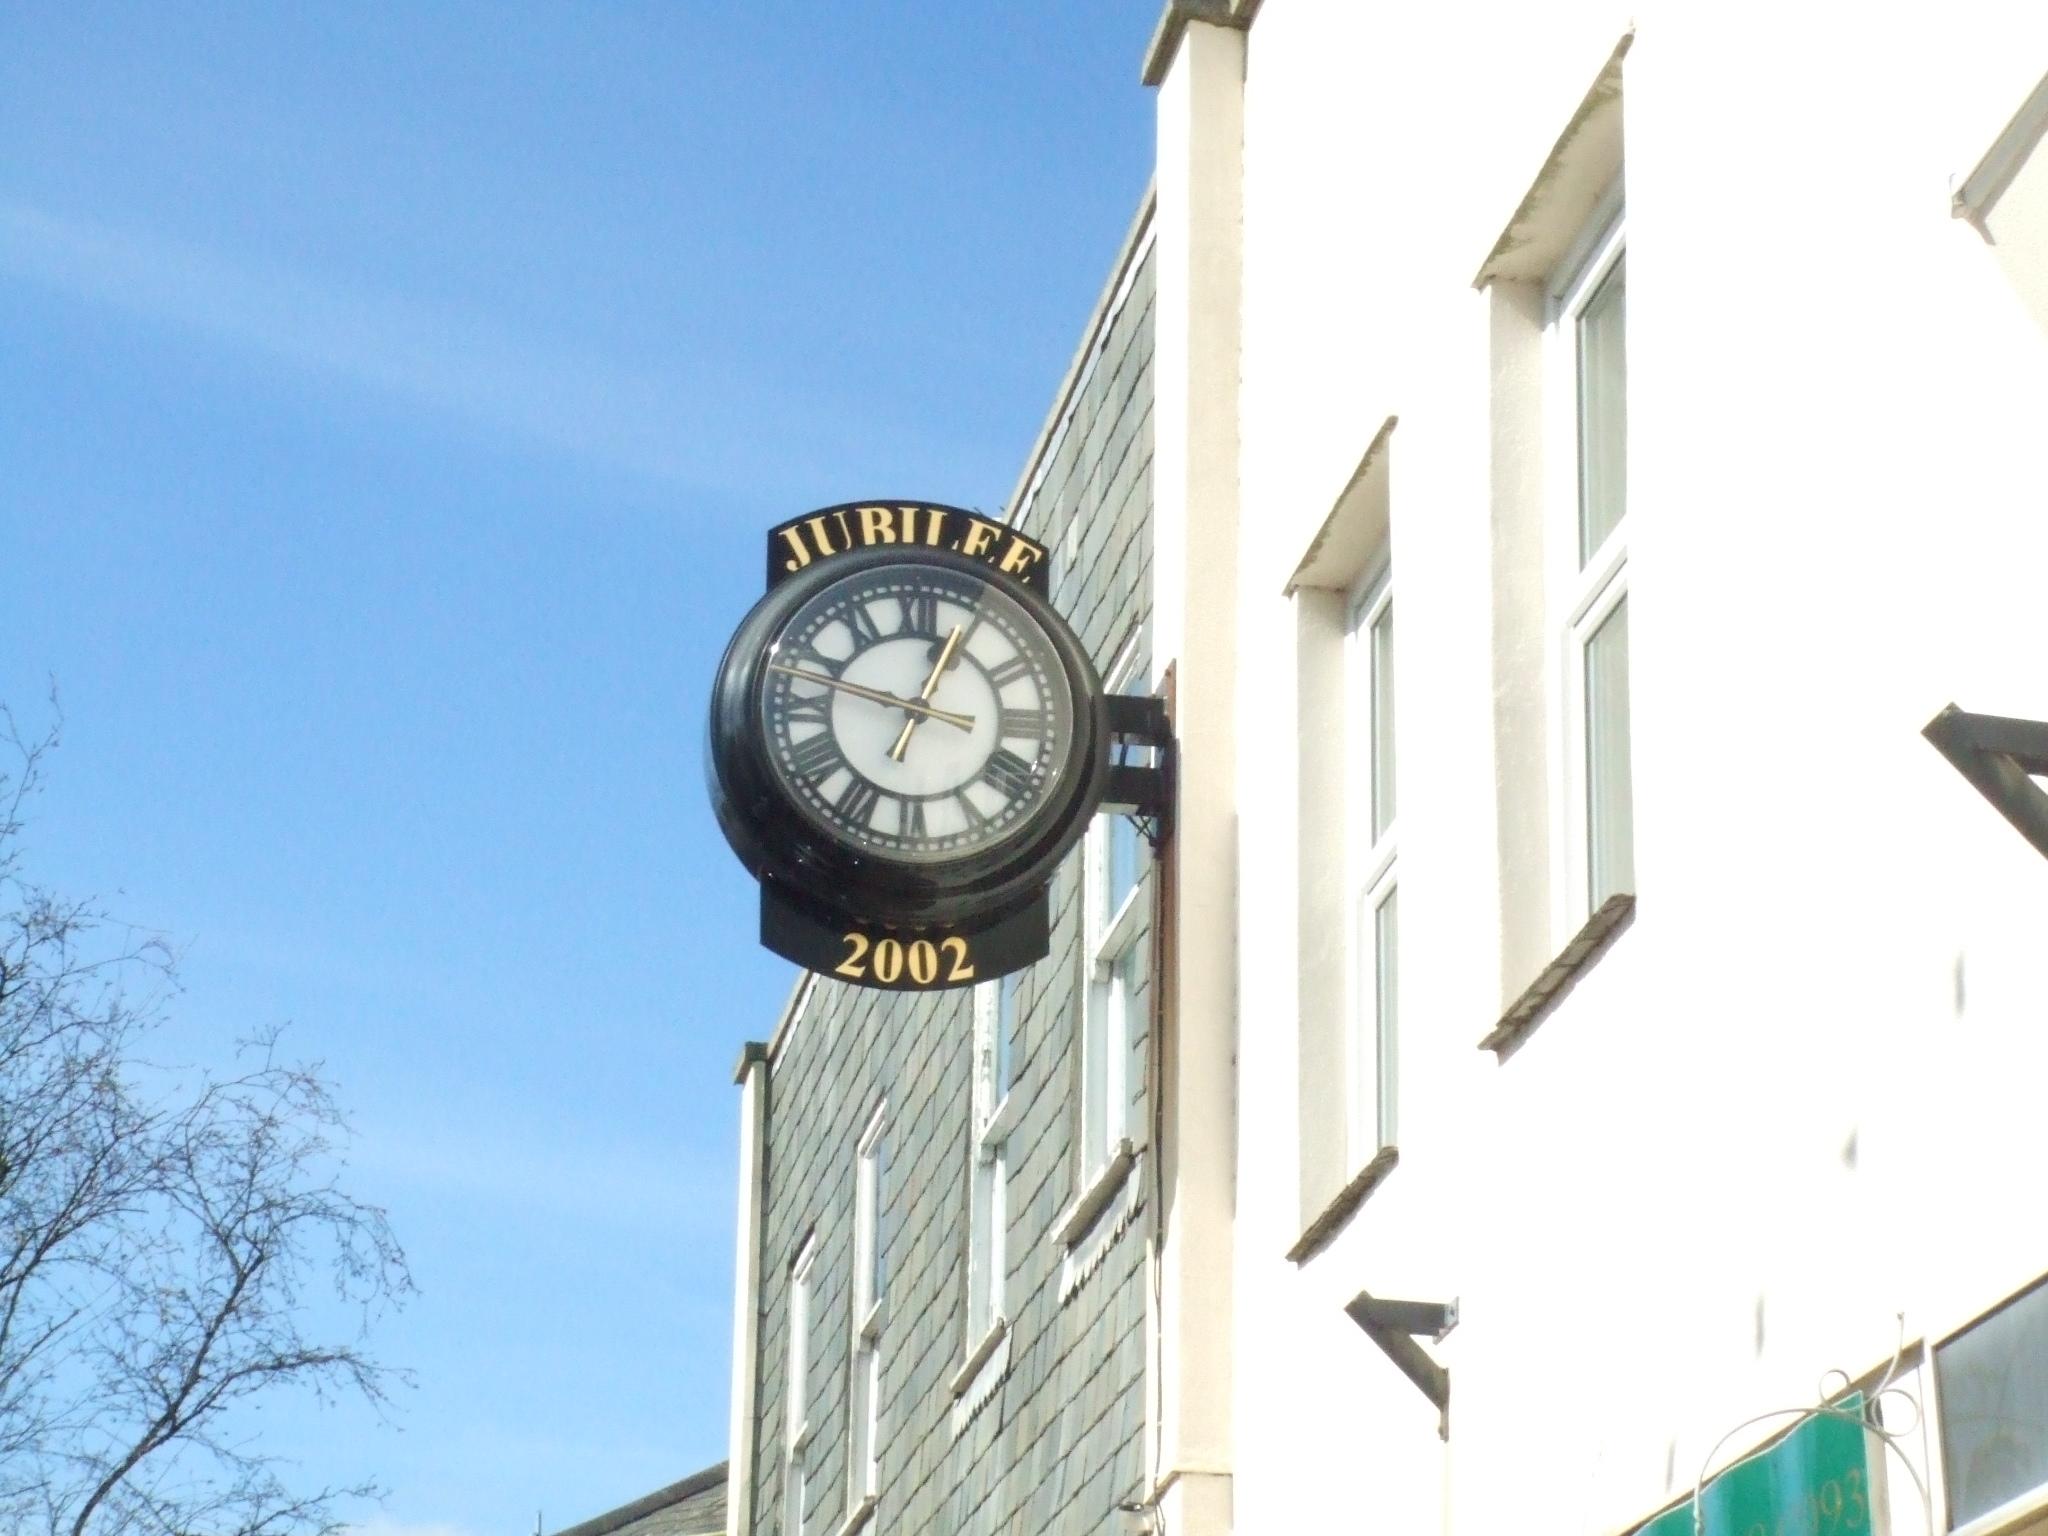 Commemorative drum clock